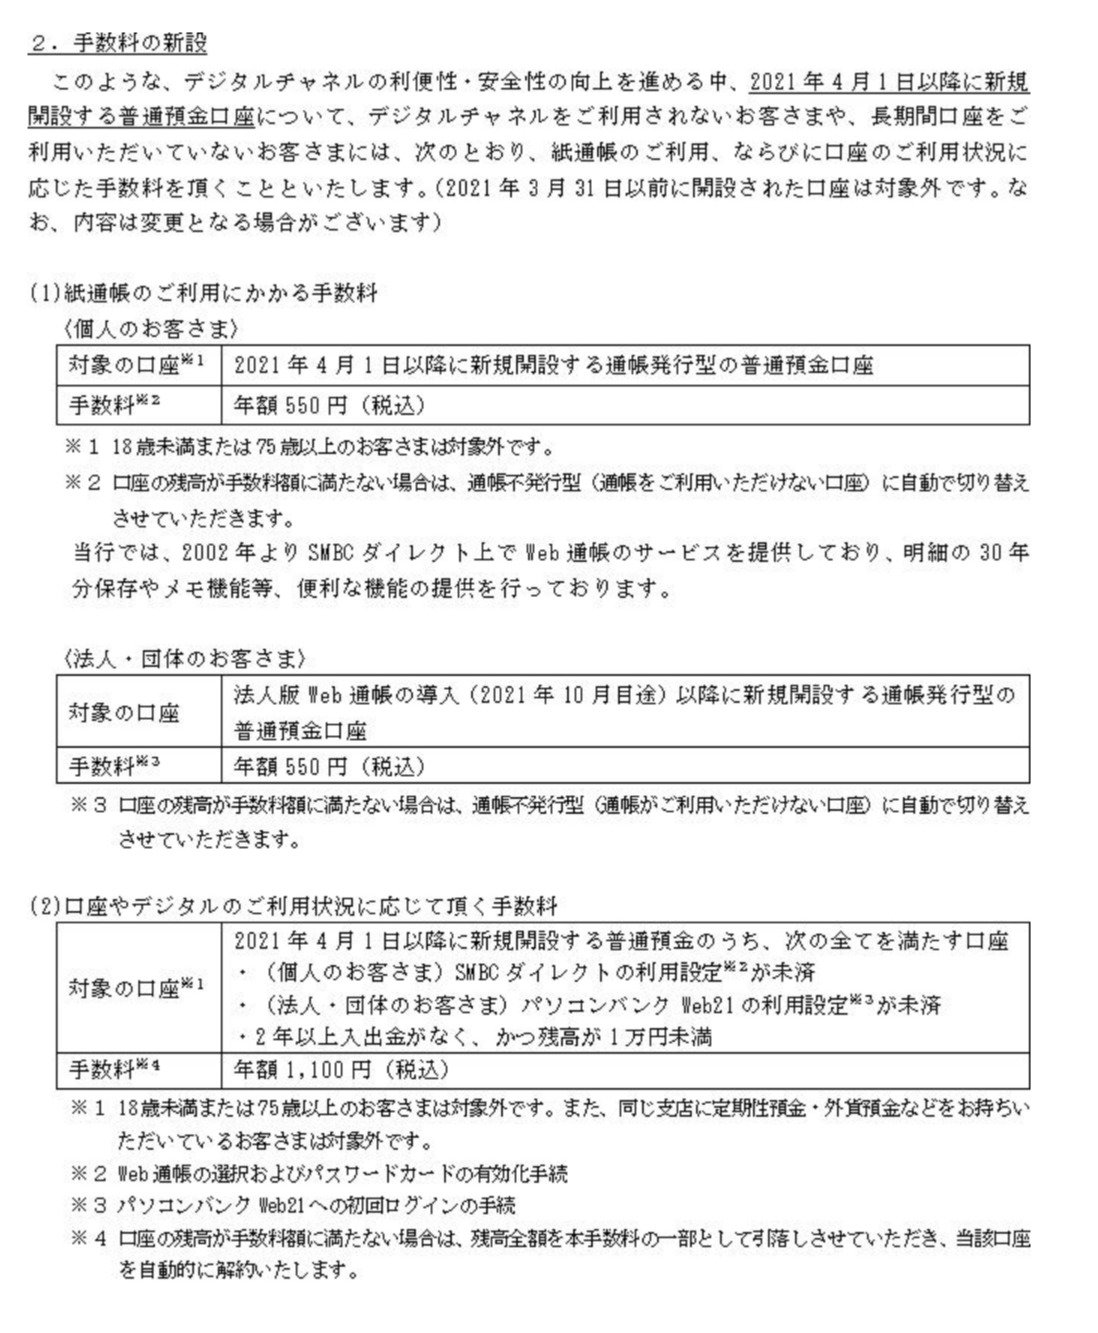 手数料 銀行 三井 住友